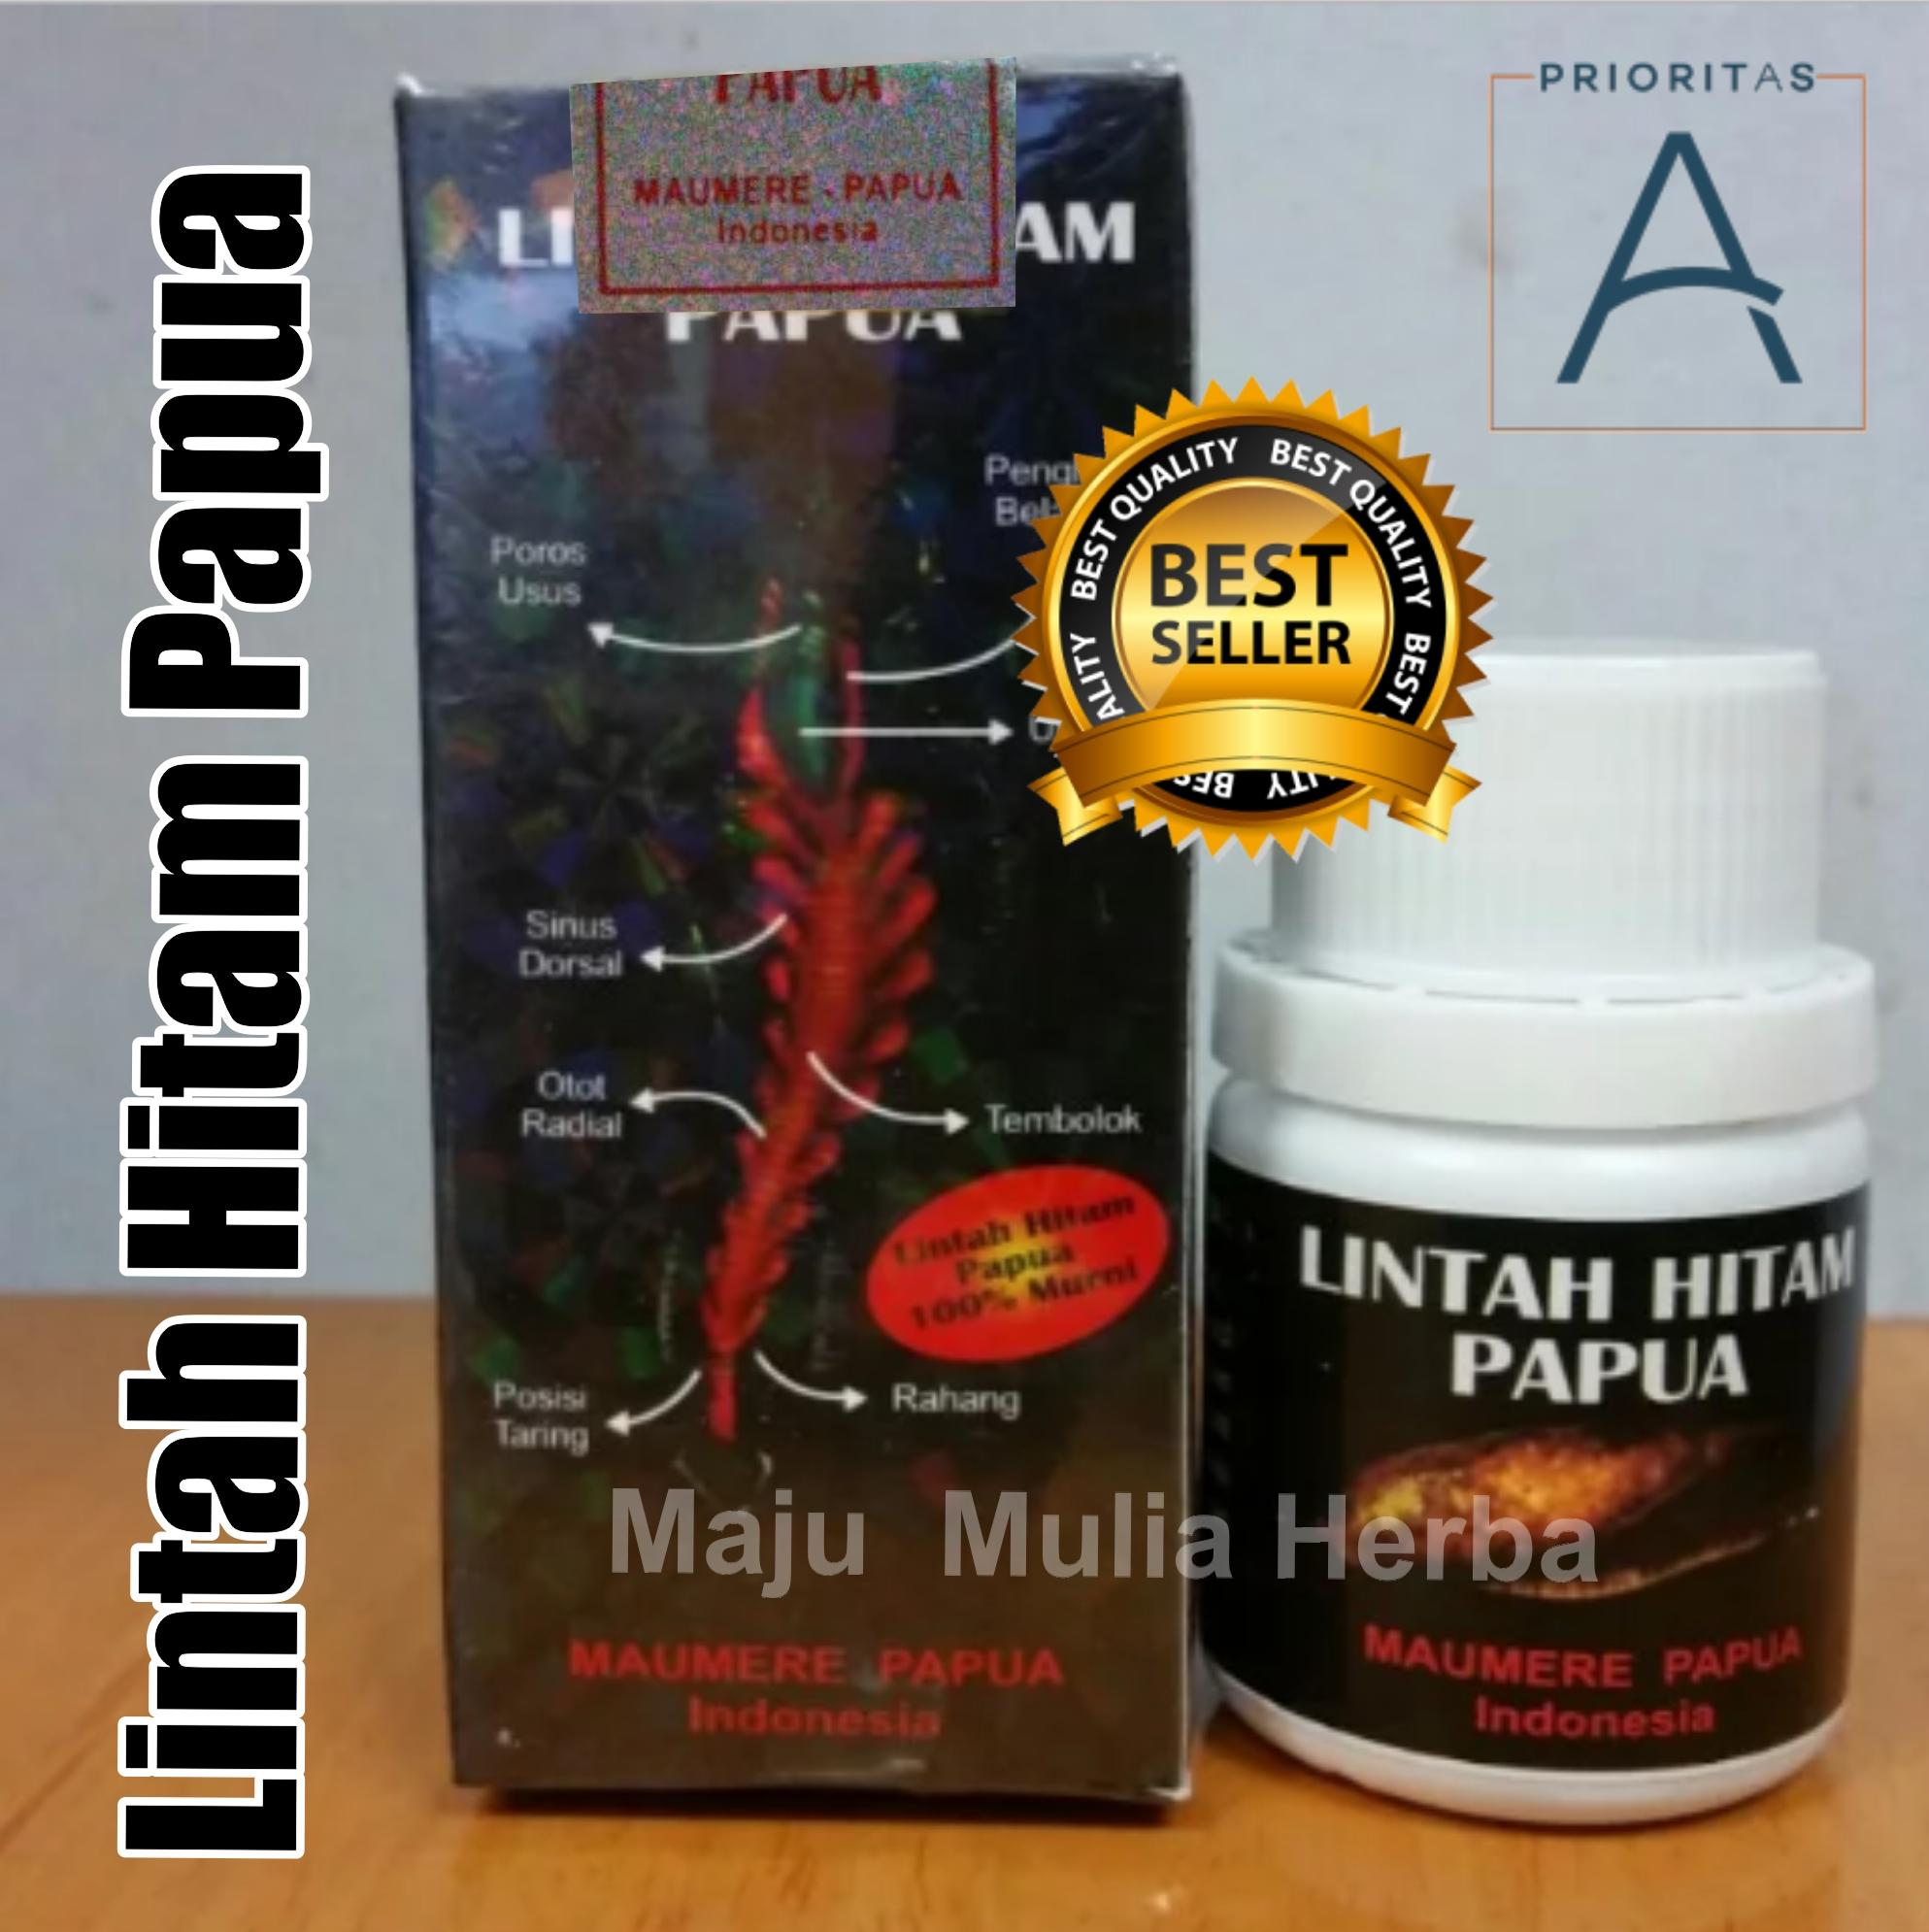 jual produk herbal online terbaru di lazada co id